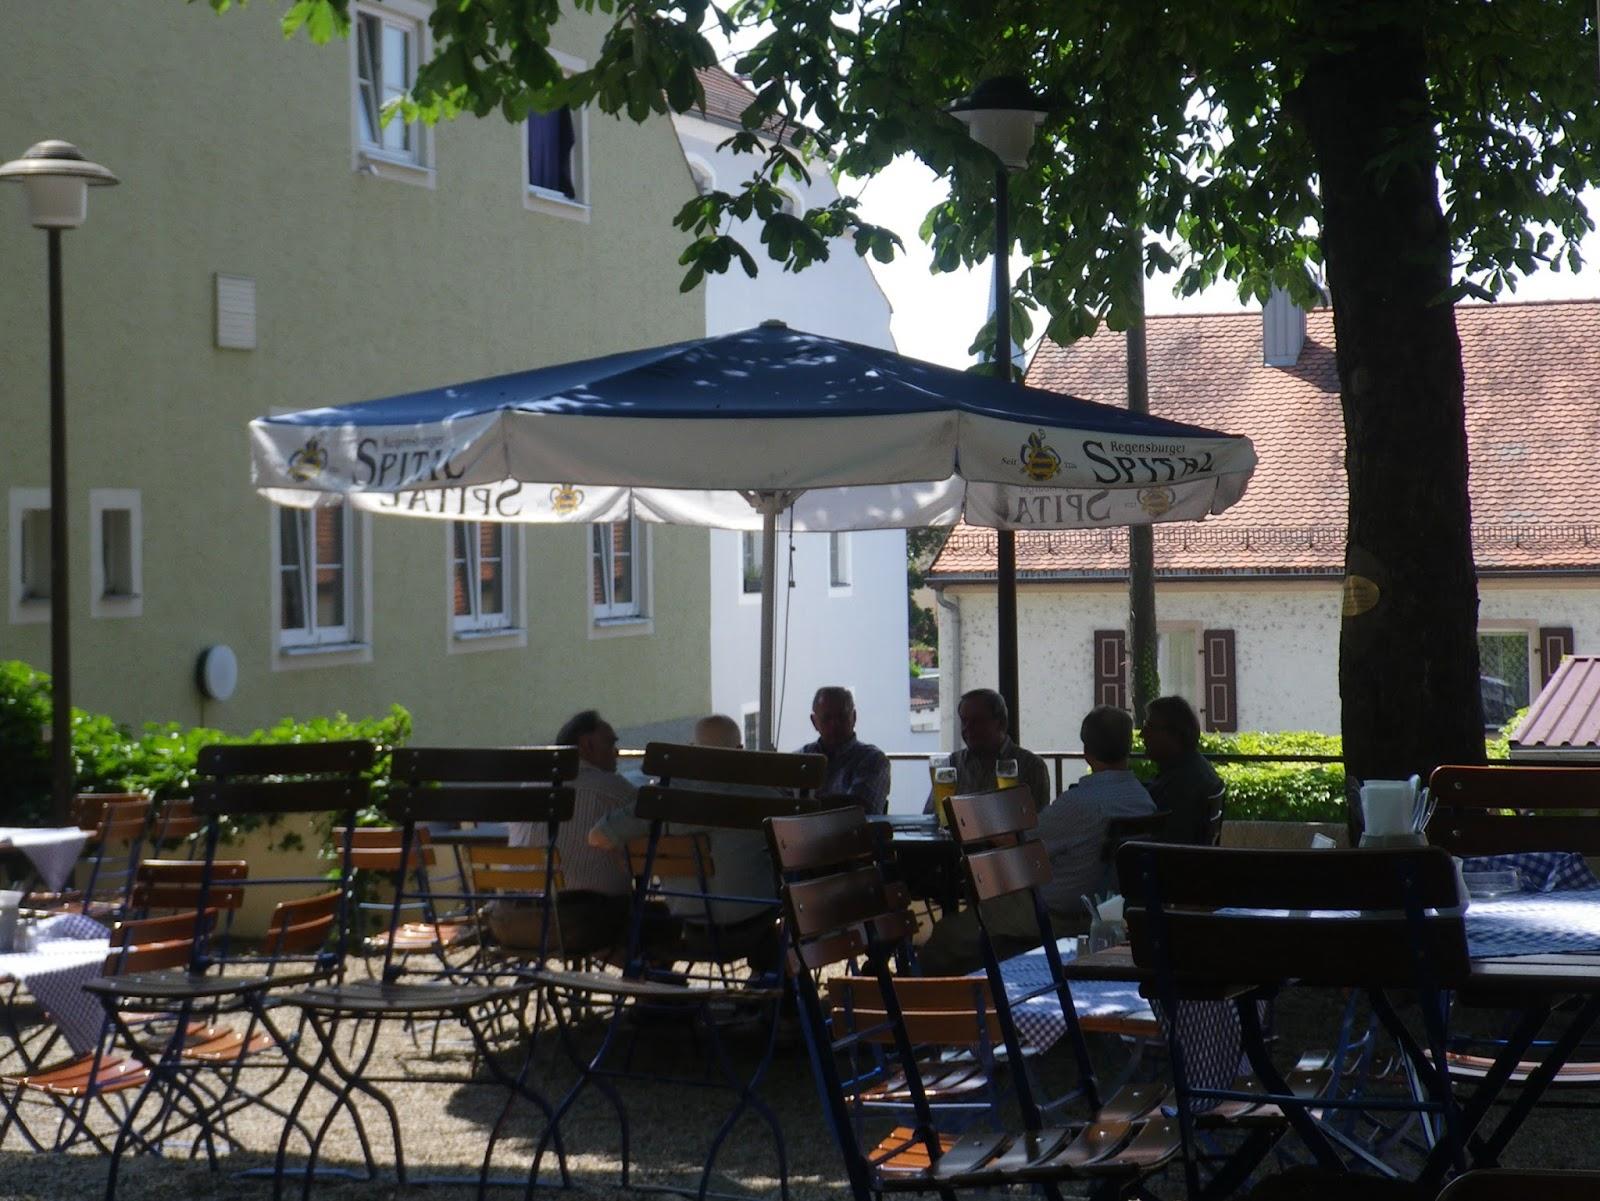 auswärts essen regensburg: Sonntagmittag im Spitalkeller zu Regensburg